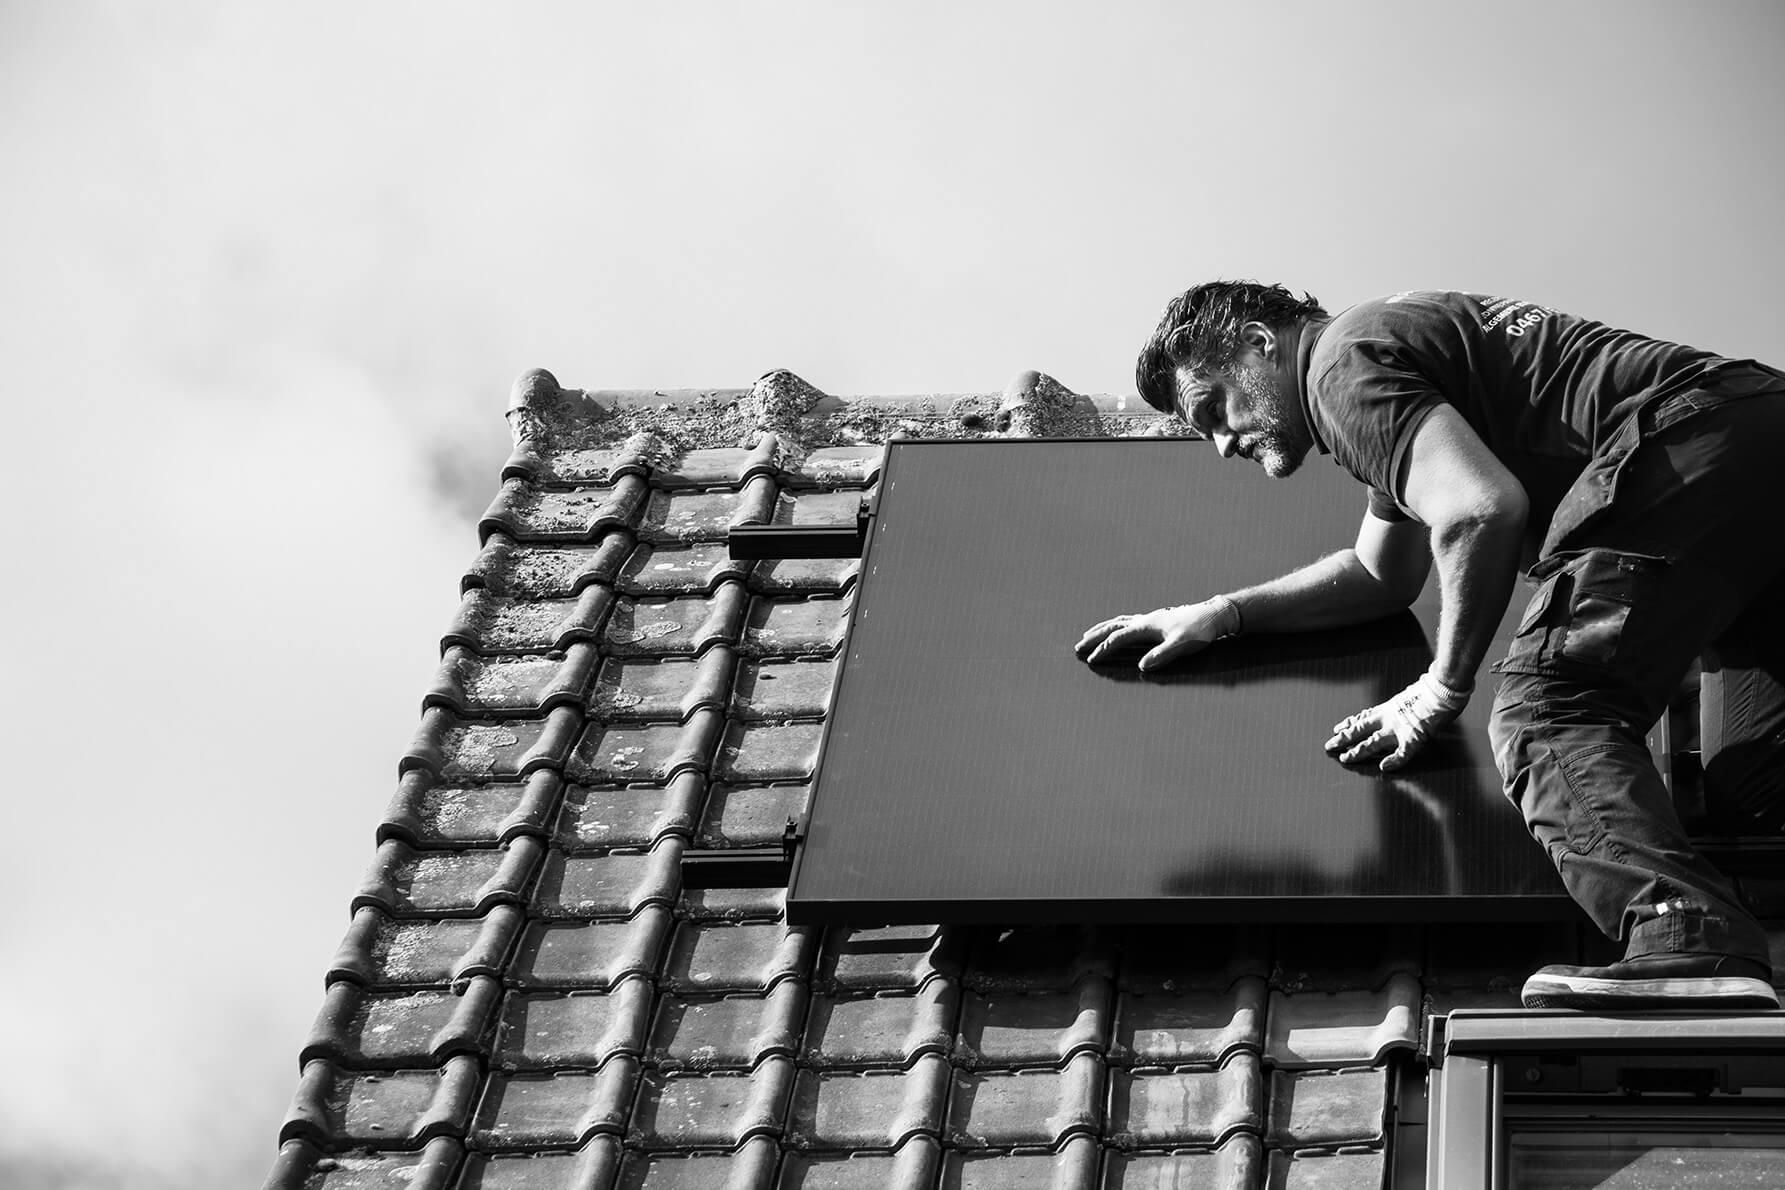 Zaakvoerder keurt de zonnepanelen van dichtbij